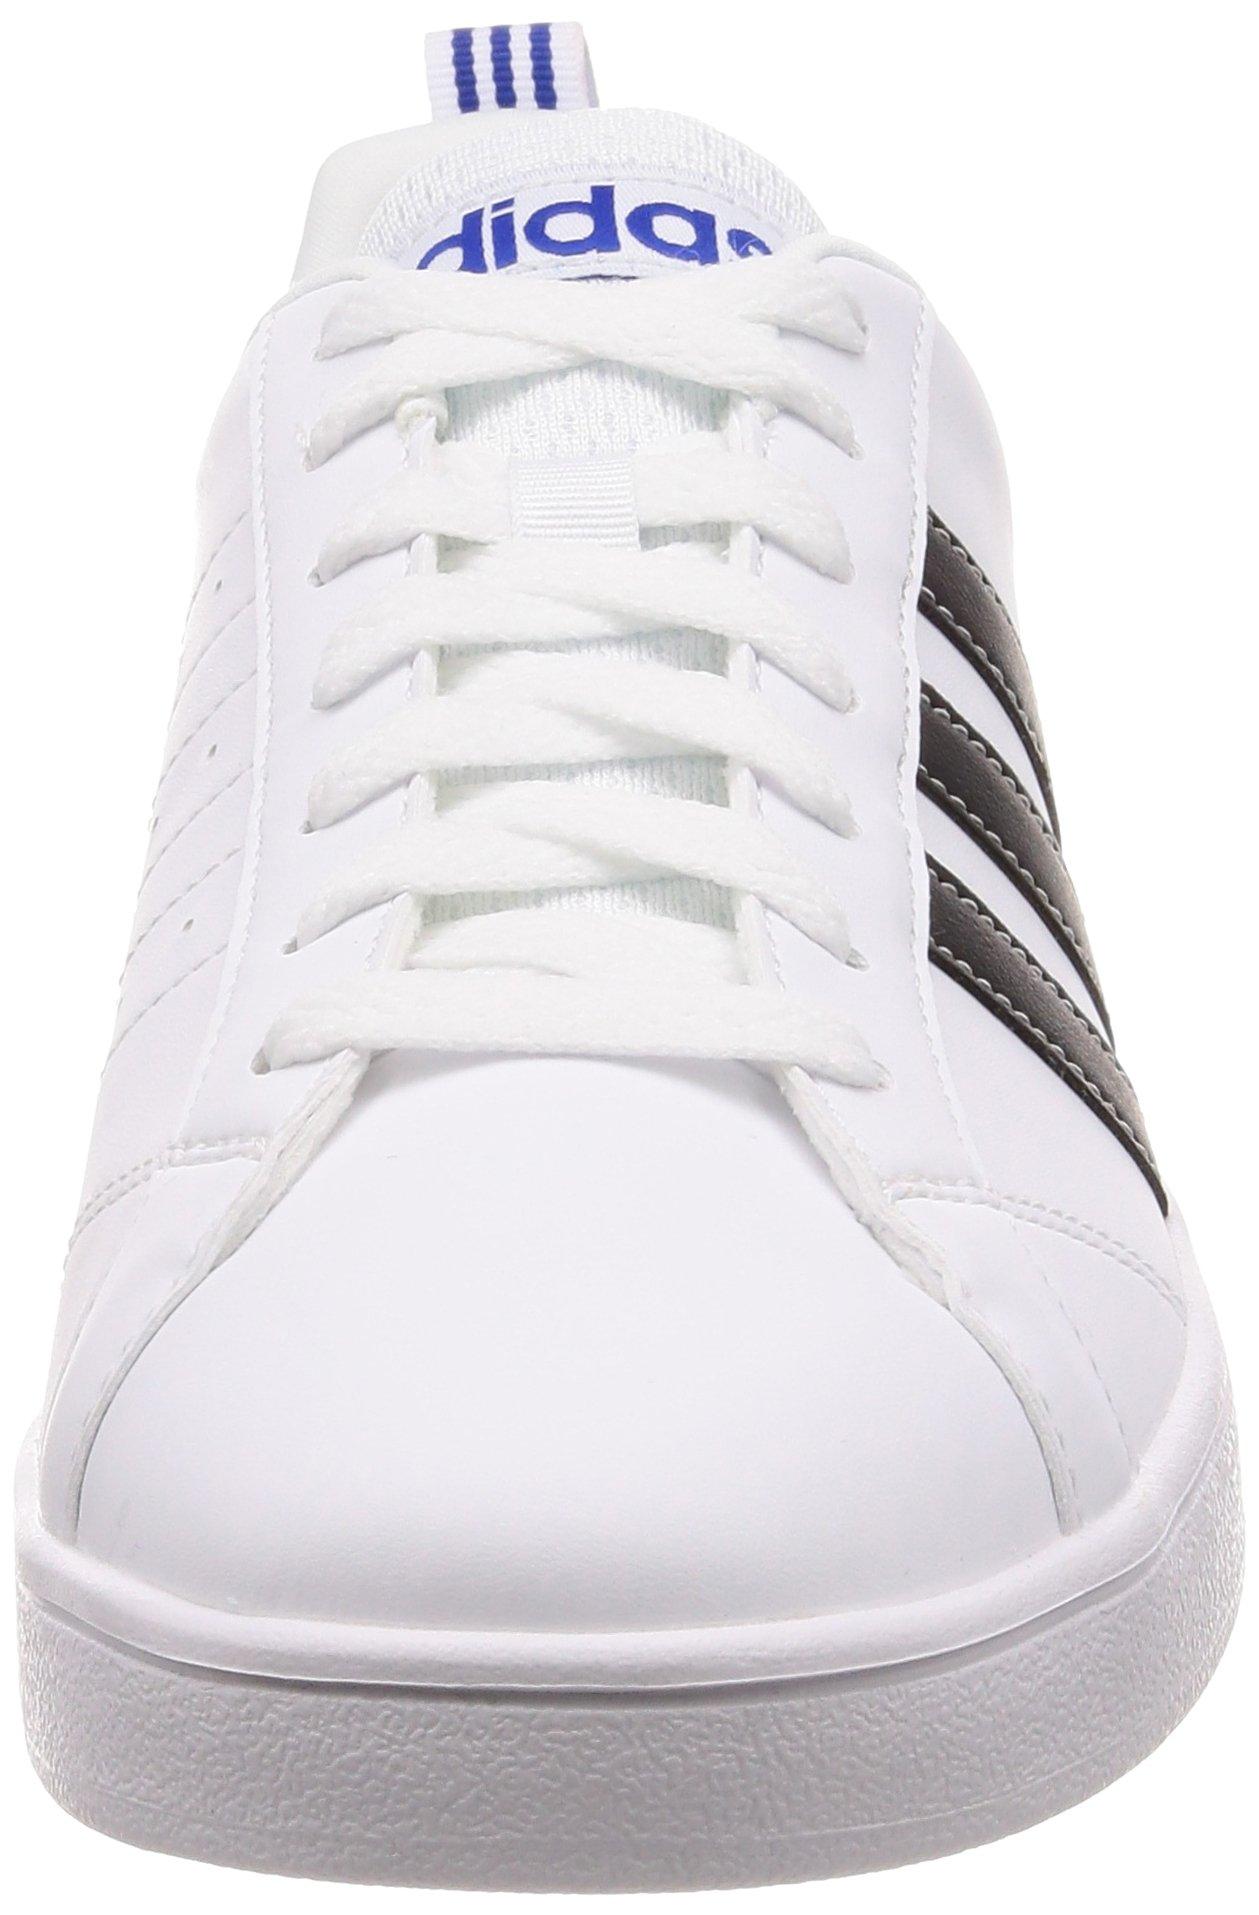 adidas Vs Advantage F99256, Scarpe da Ginnastica Basse Uomo 4 spesavip